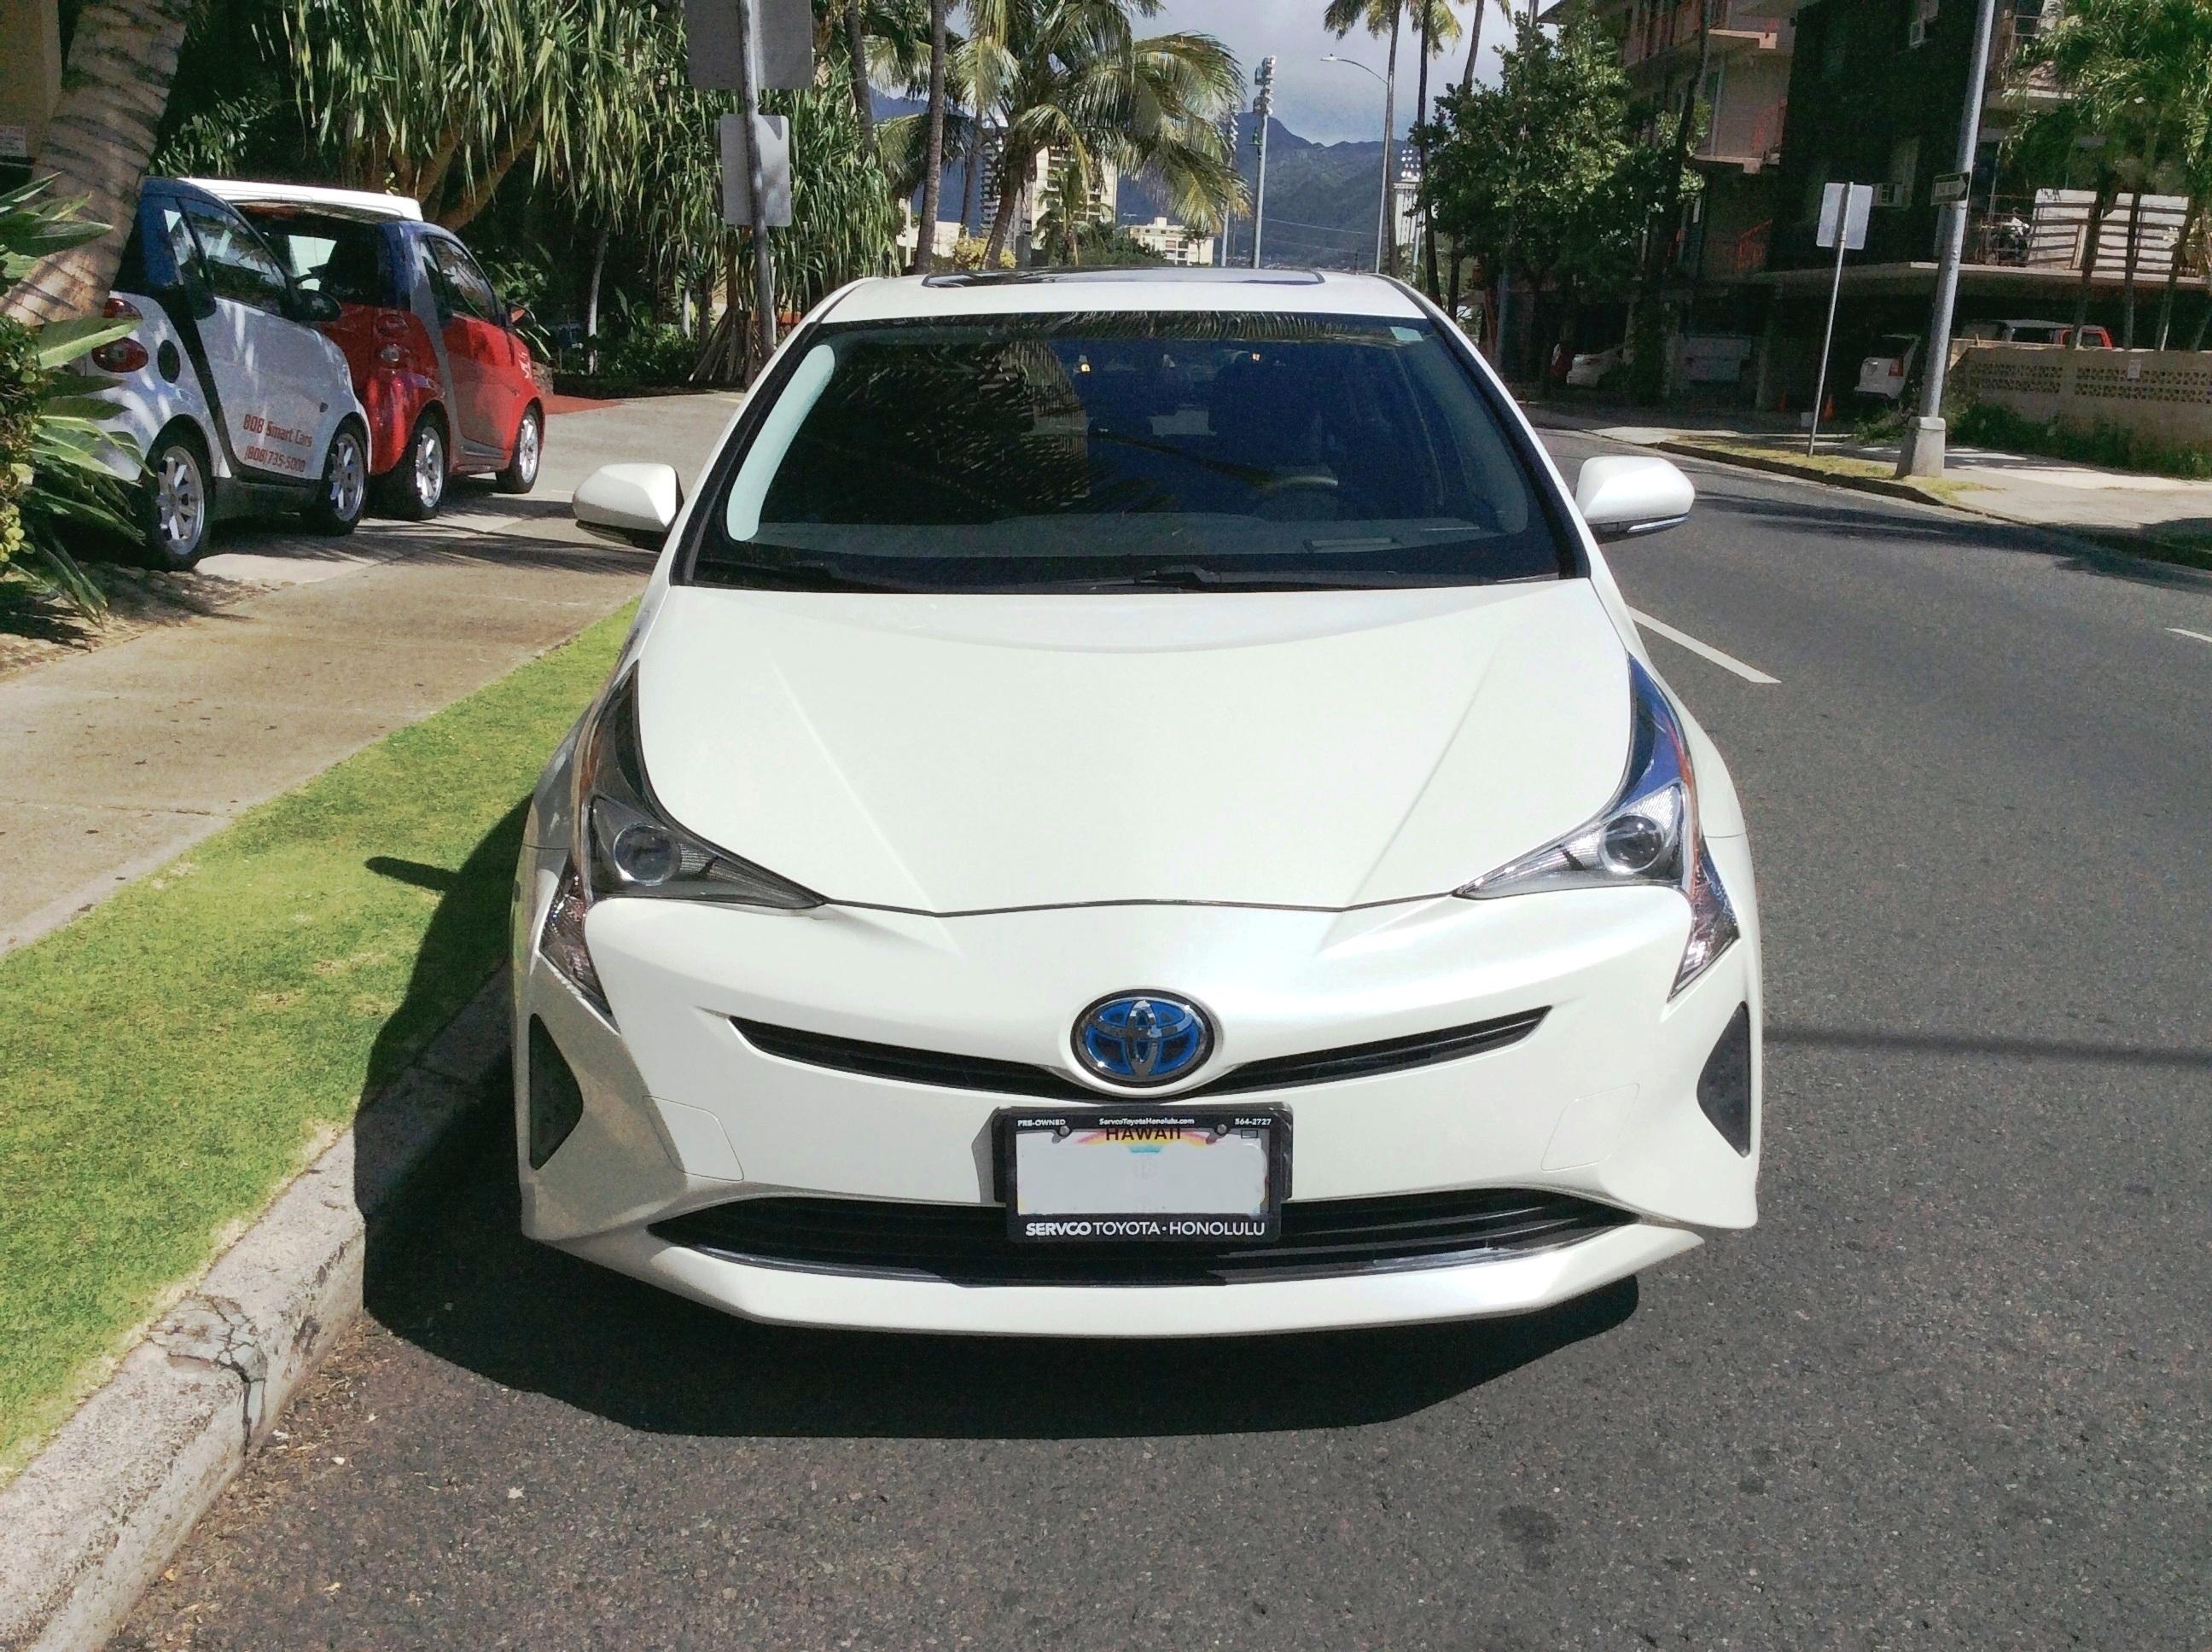 Prius (Front)